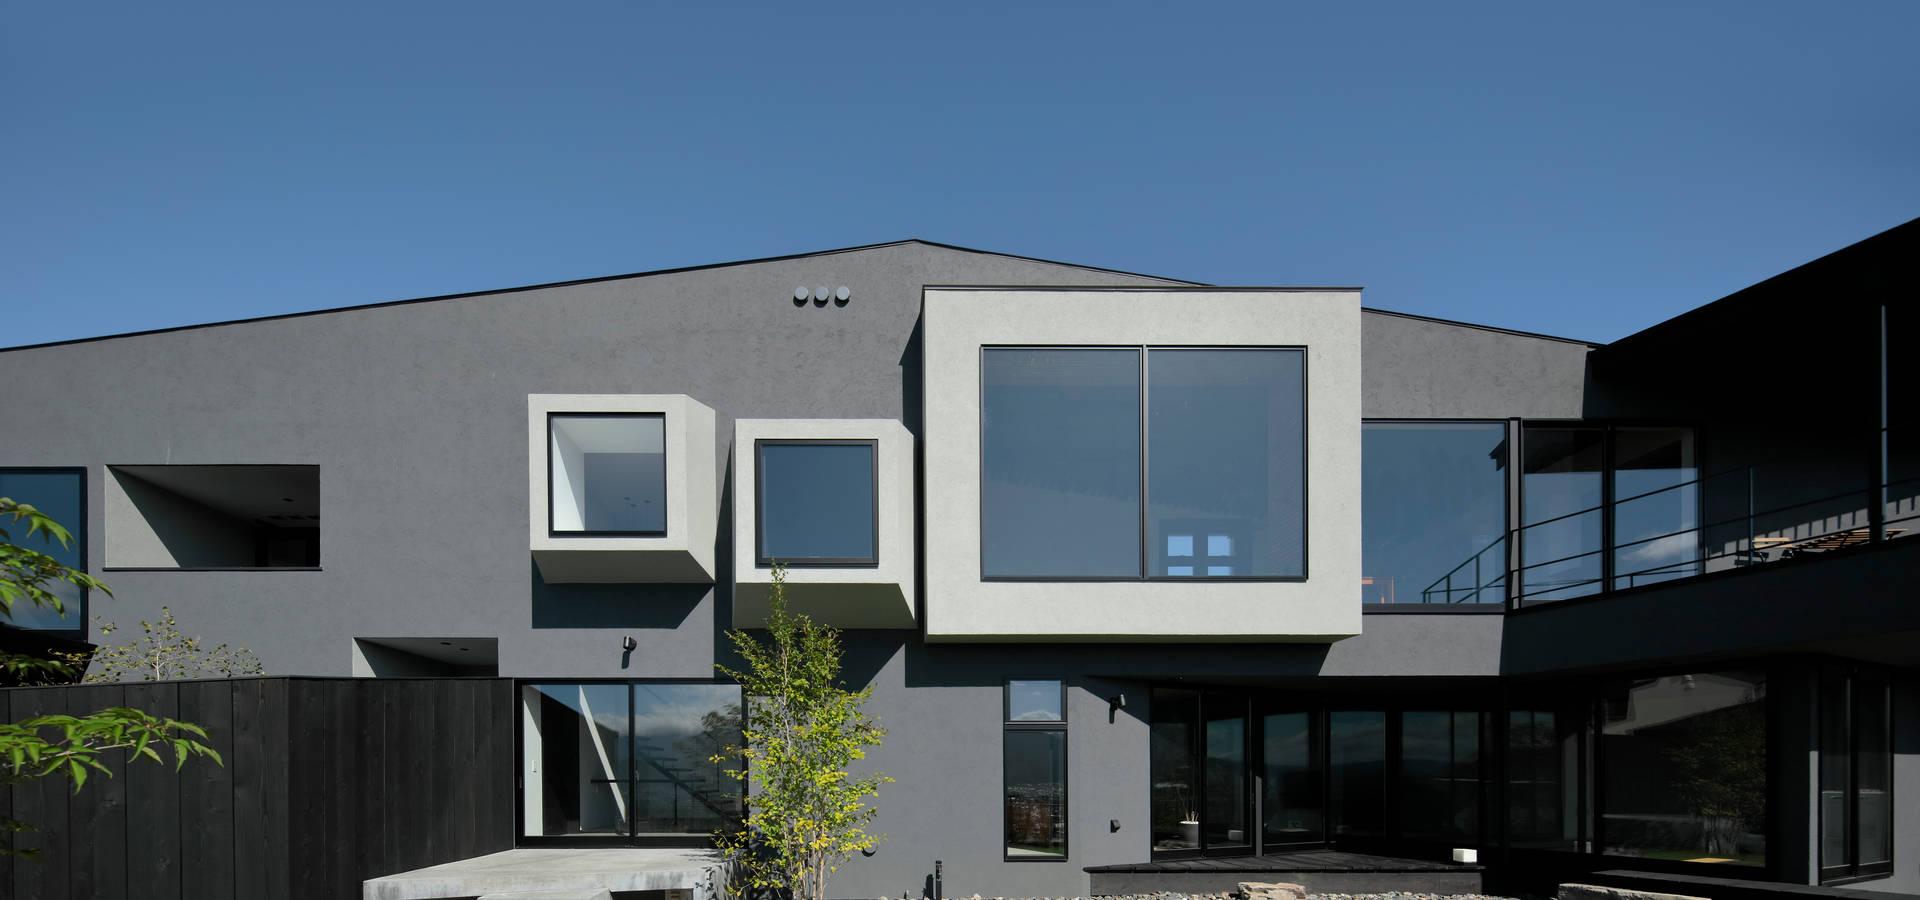 キューボデザイン建築計画設計事務所